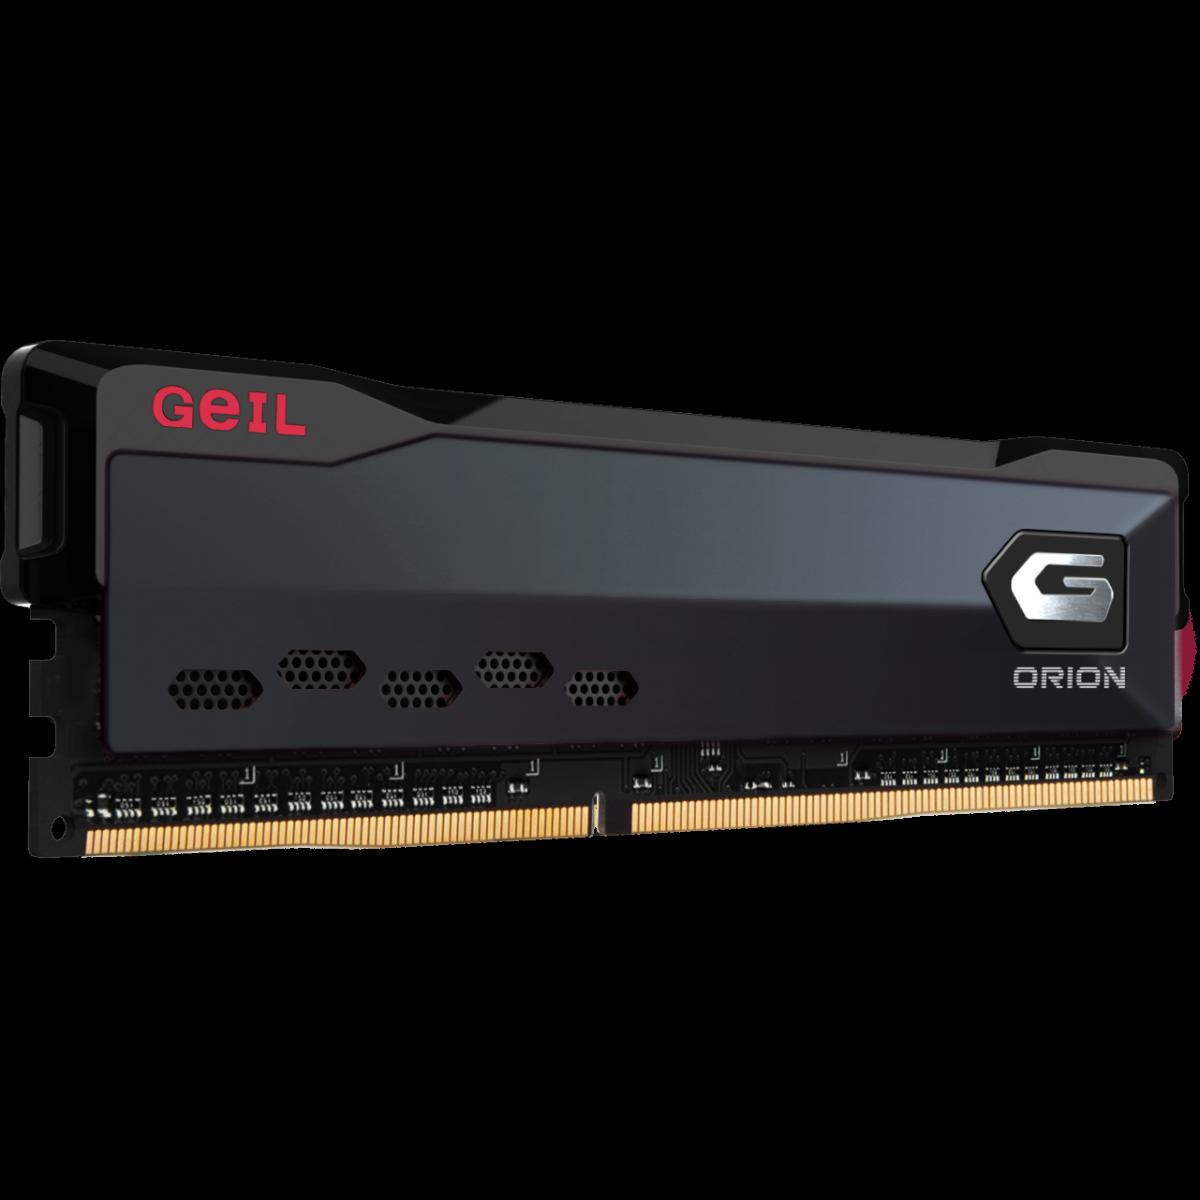 Memória DDR4 Geil Orion, 8GB 3000MHz, Black, GAOG48GB3000C16ASC